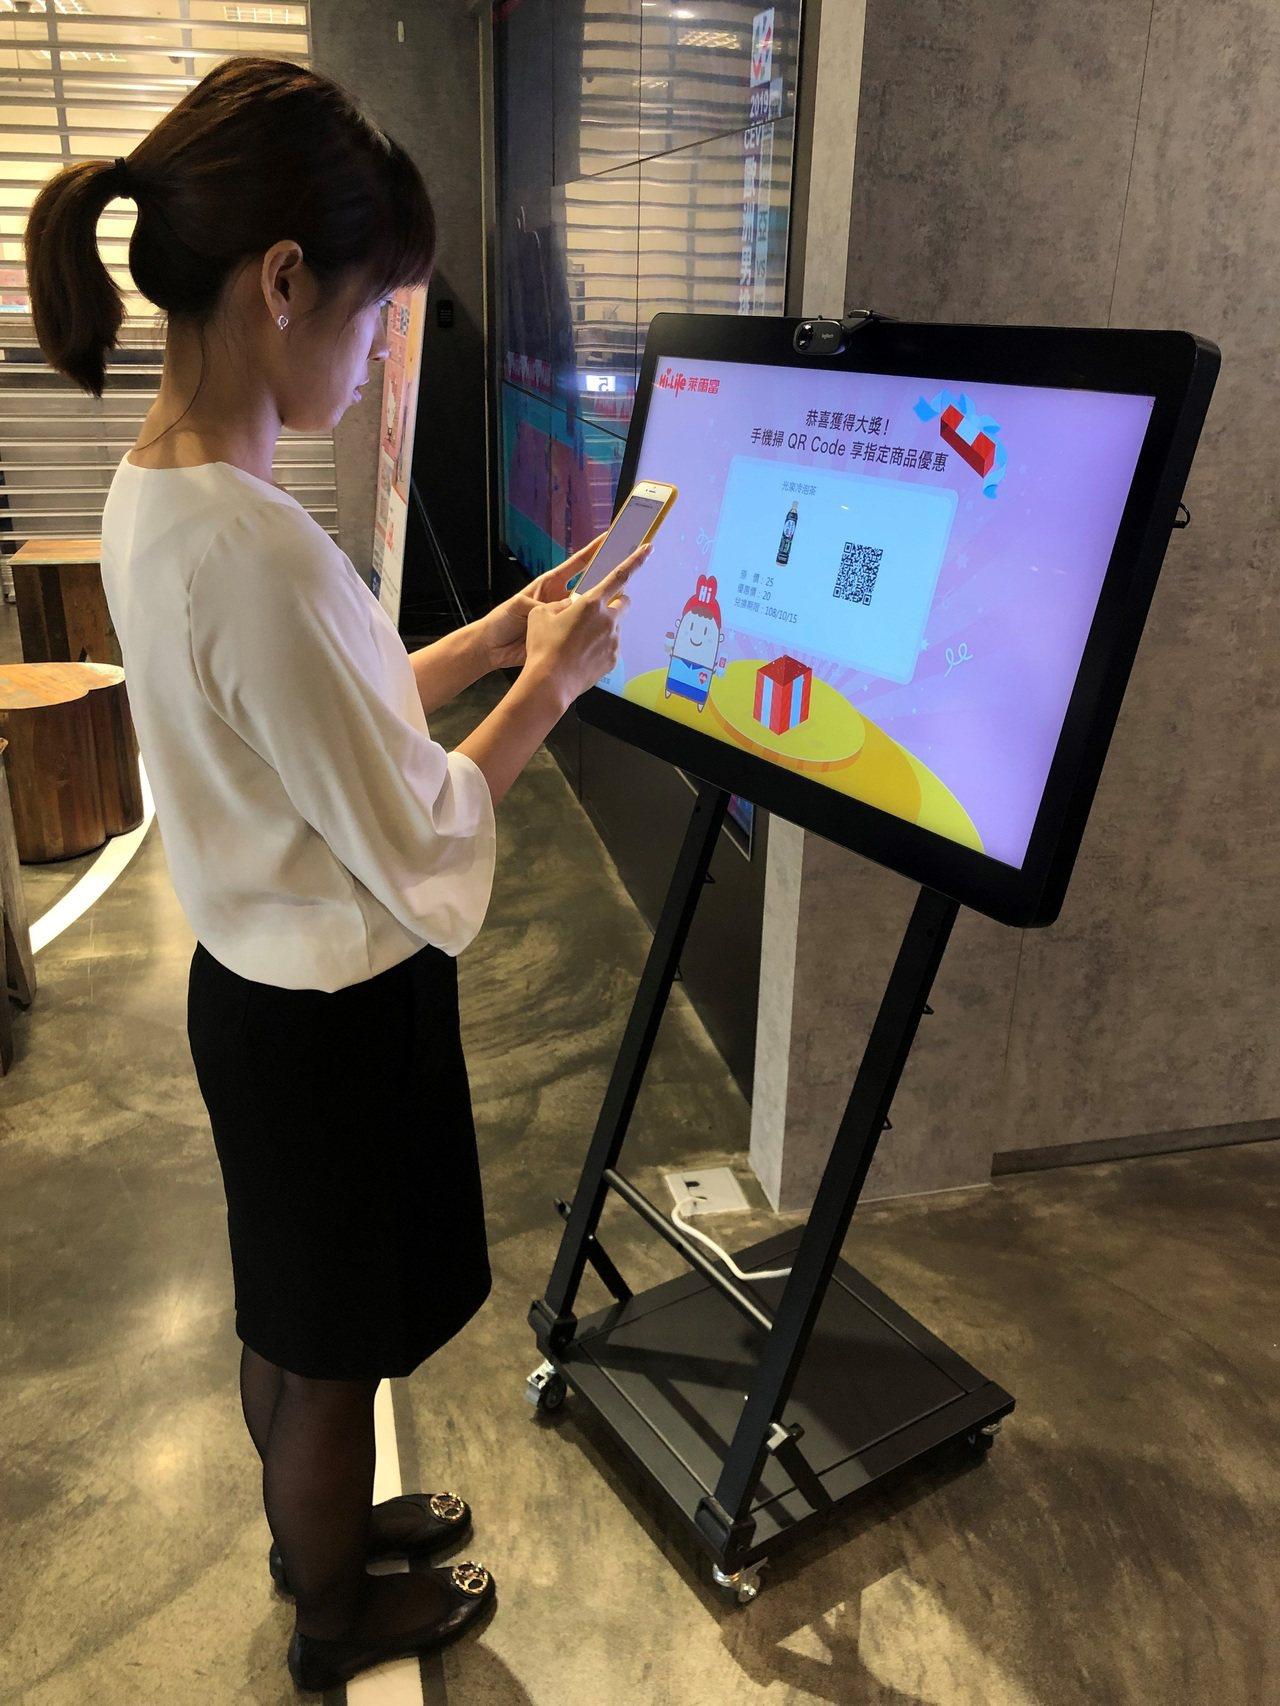 元大銀行華山分行「想像你的數位生活」應用展,人臉辨識行銷。 圖/元大銀行提供